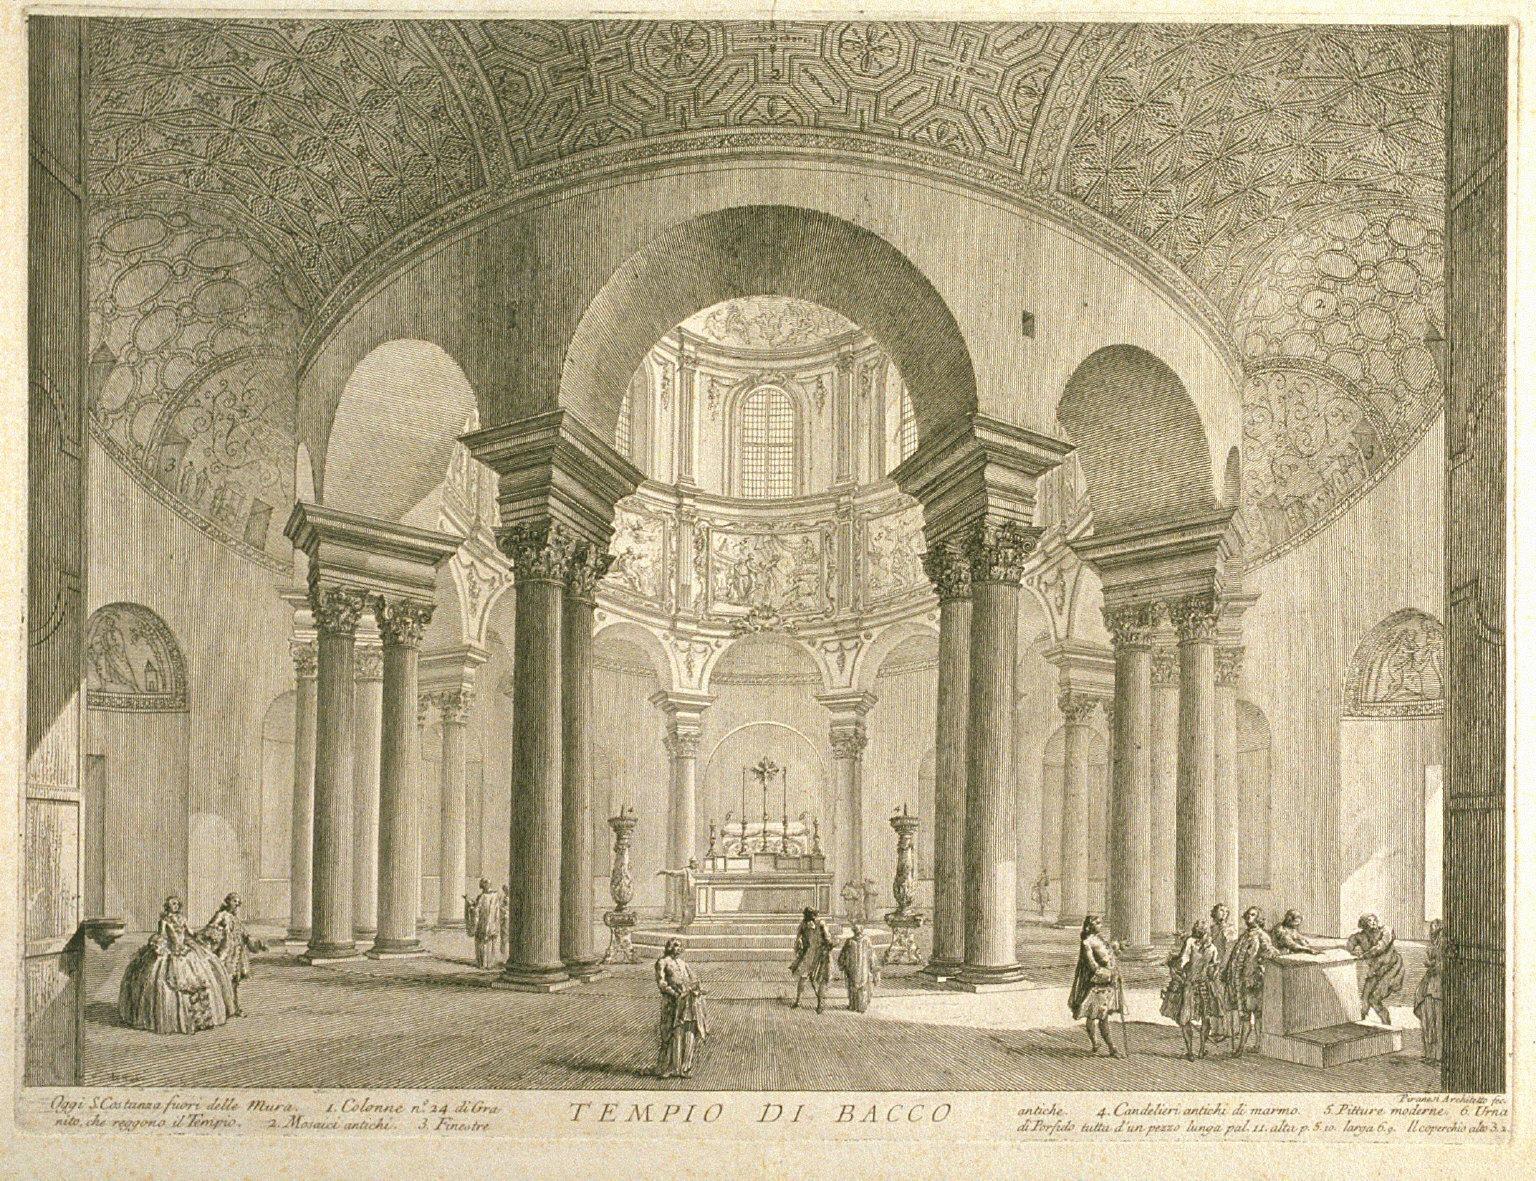 Tempio di Bacco